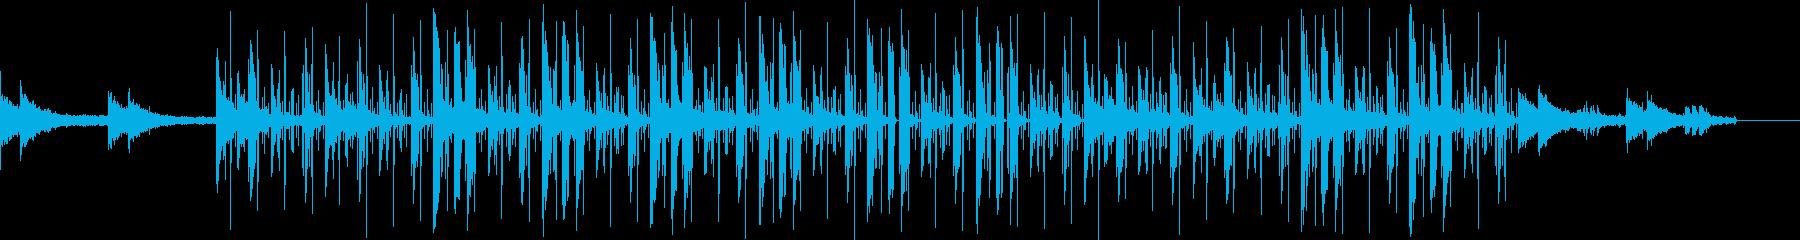 ビートが印象的な落ち着くチルヒップホップの再生済みの波形